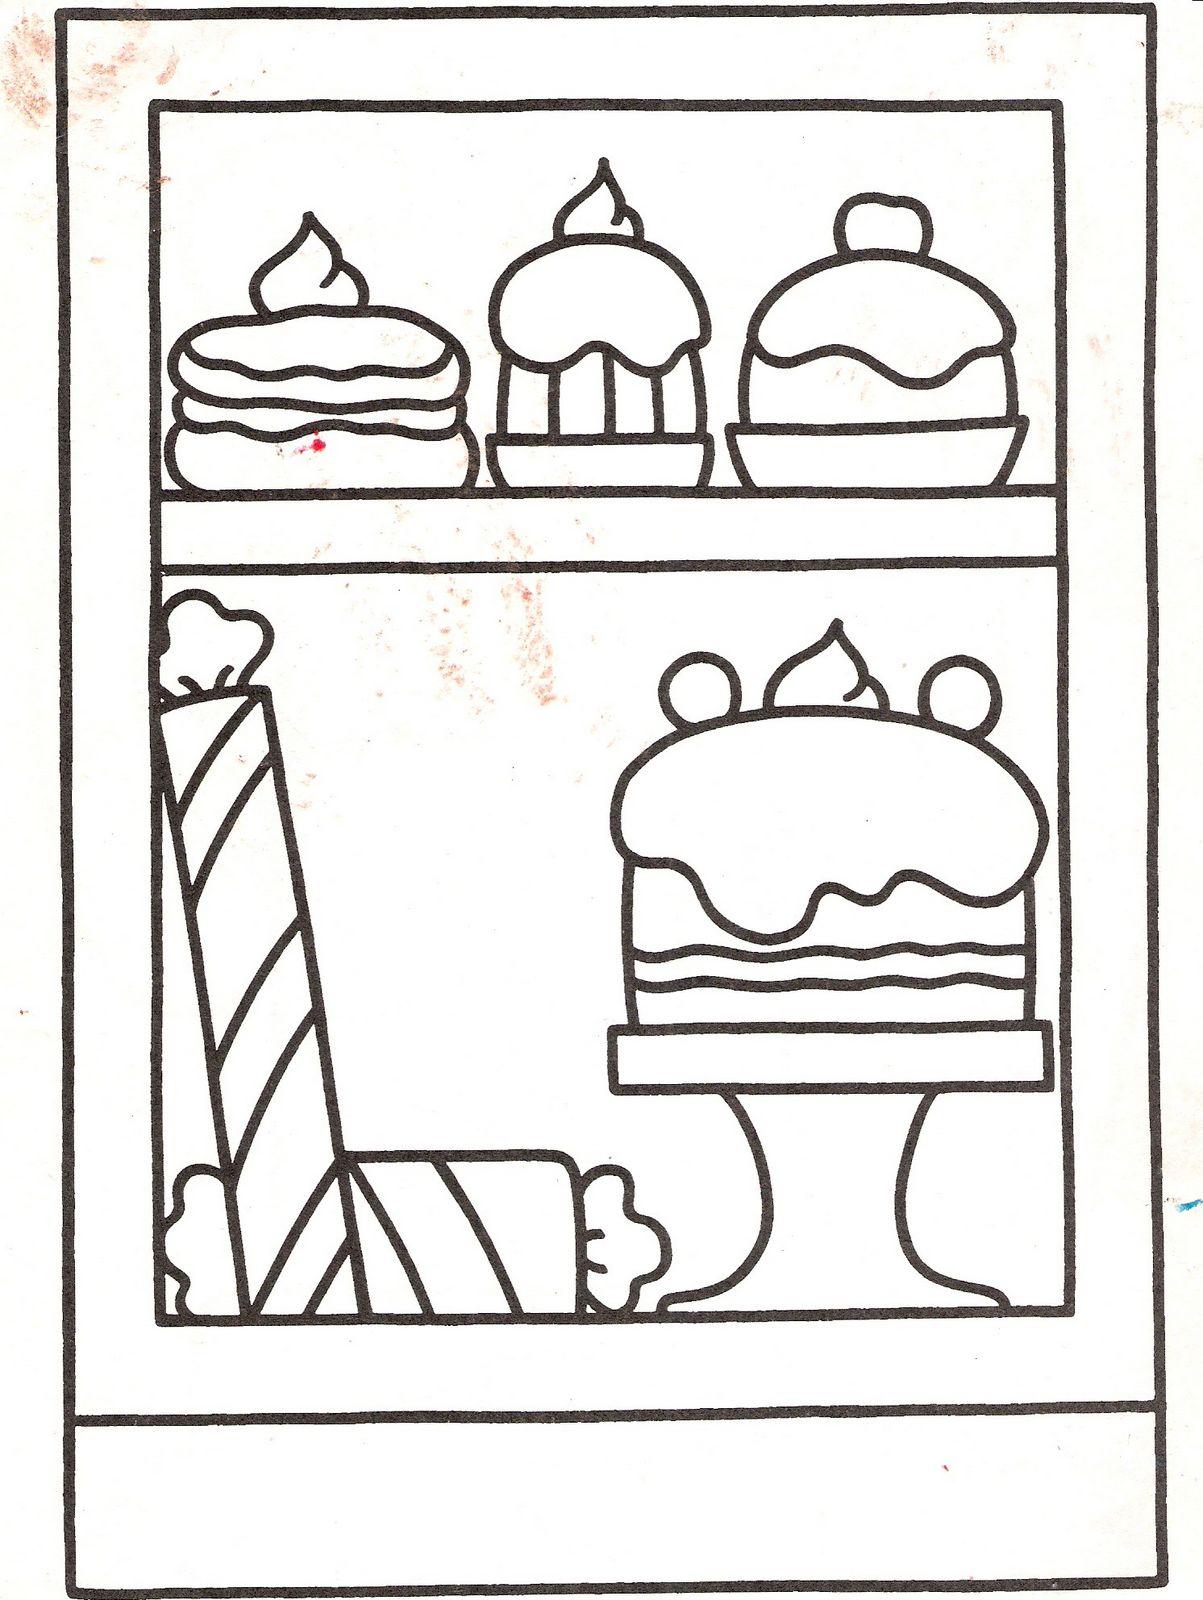 Dibujos para imprimir y colorear: Pasteles para colorear